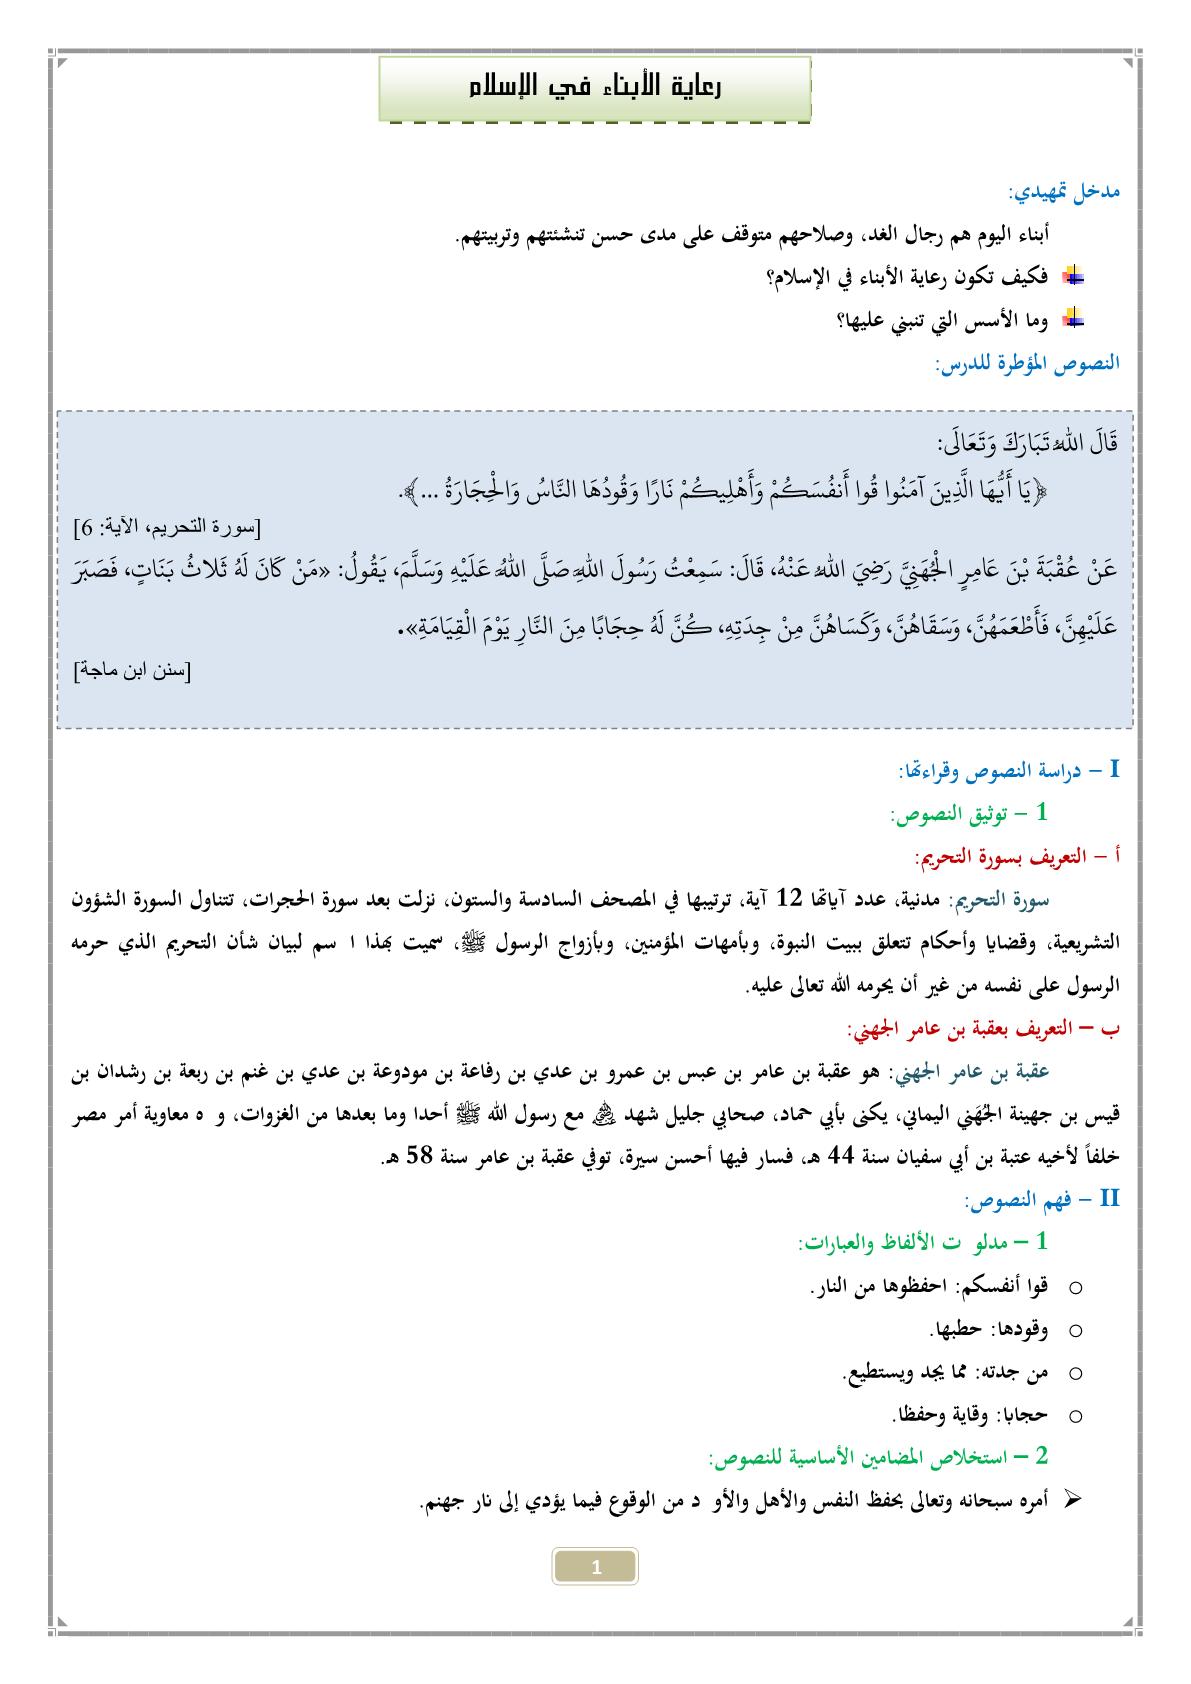 درس رعاية الأبناء في الإسلام للسنة الثانية إعدادي